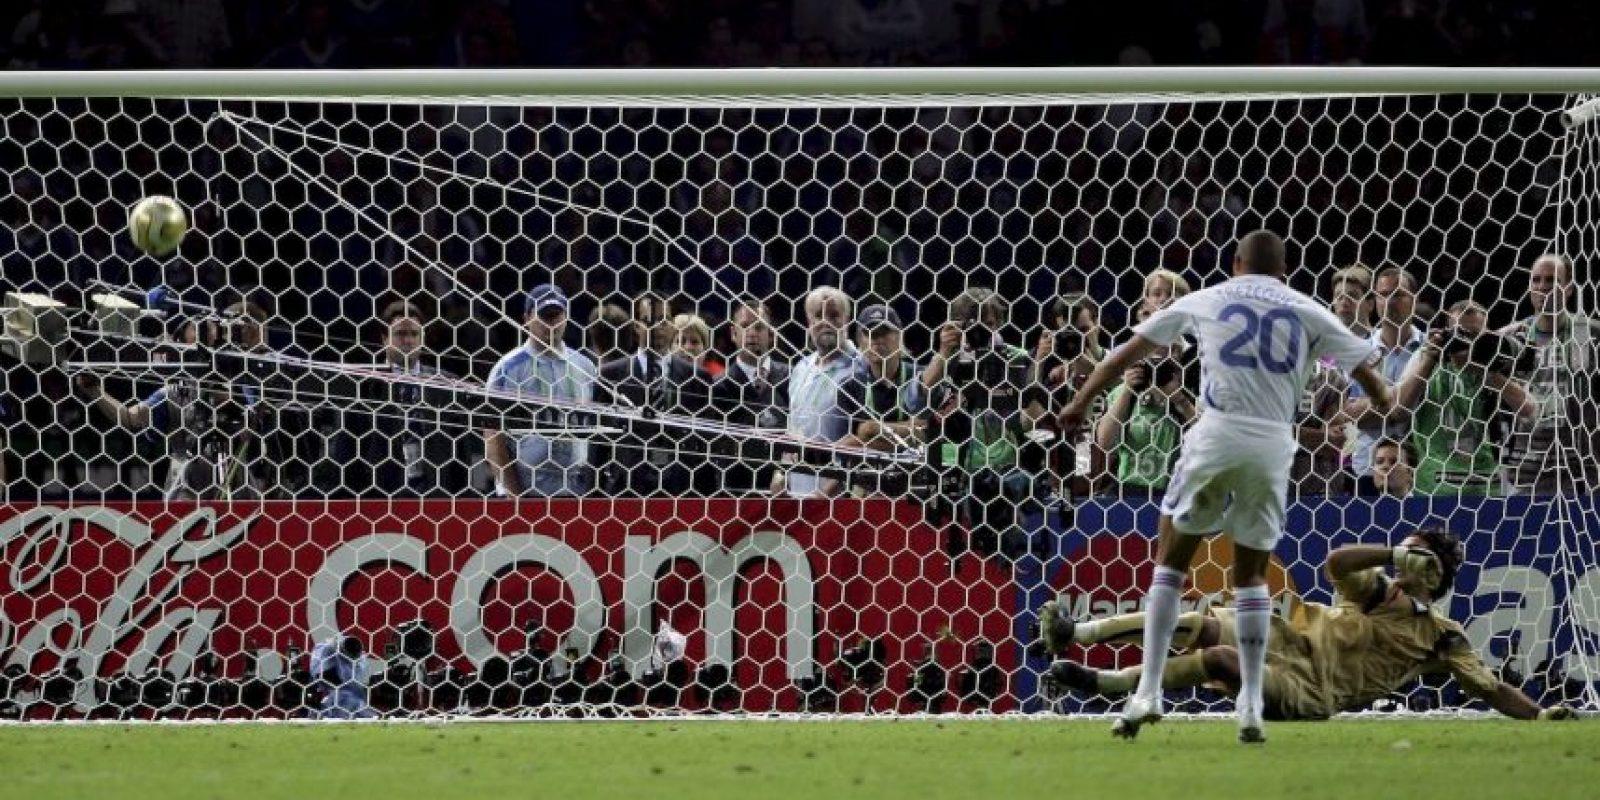 """En Alemania 2006, Italia enfrentó a Francia en la final. Tras un 1-1 en los 120 minutos (con tiempos extras), se definió al campeón desde el manchón penal y un error de David Trezeguet permitió a los """"Azurri"""" ganar su cuarta copa. Foto:Getty Images"""